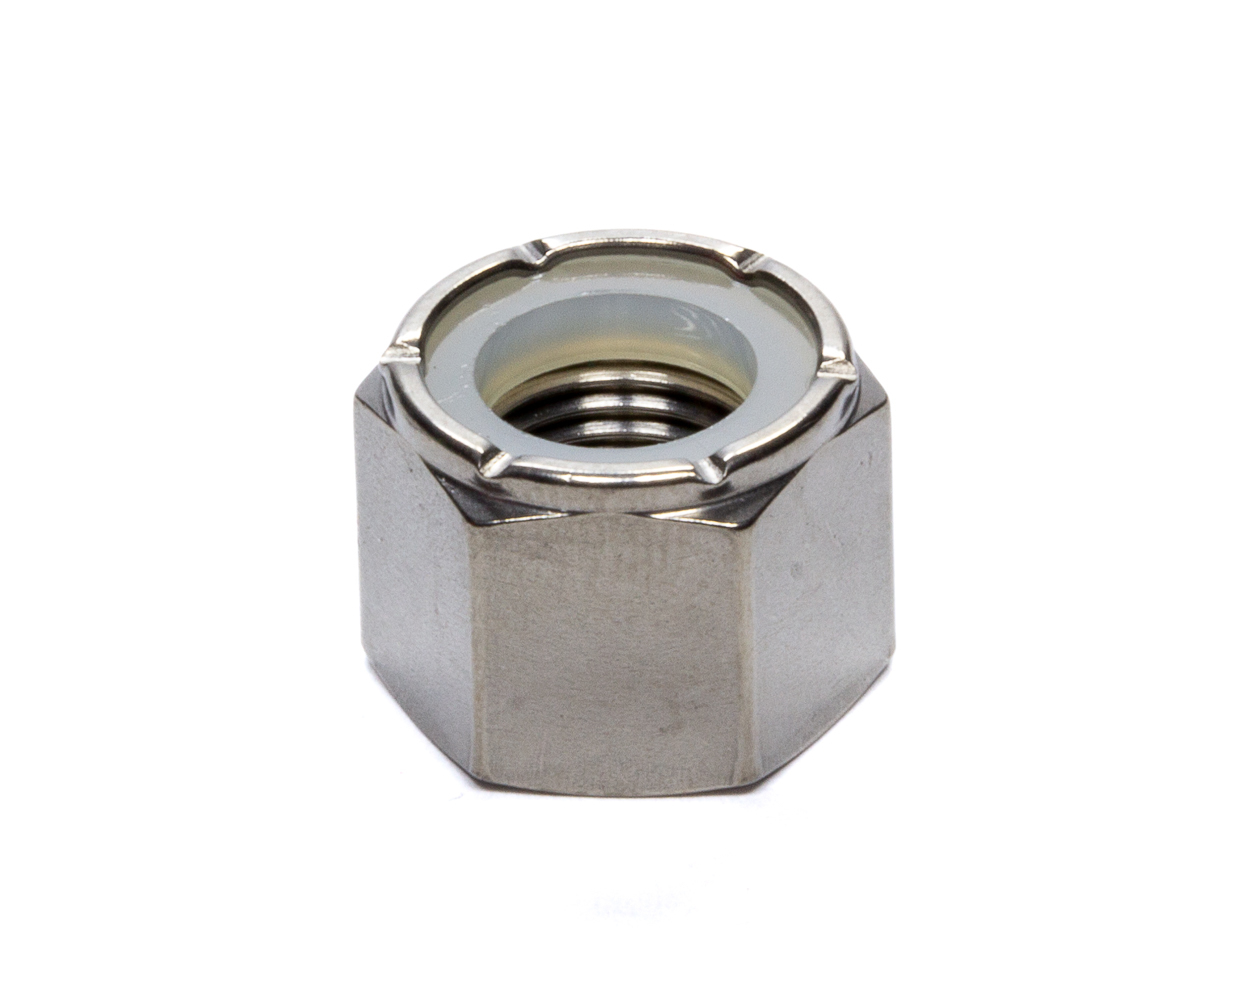 Mettec Titanium Hex Nylock Lock 1/2-20 Full Head